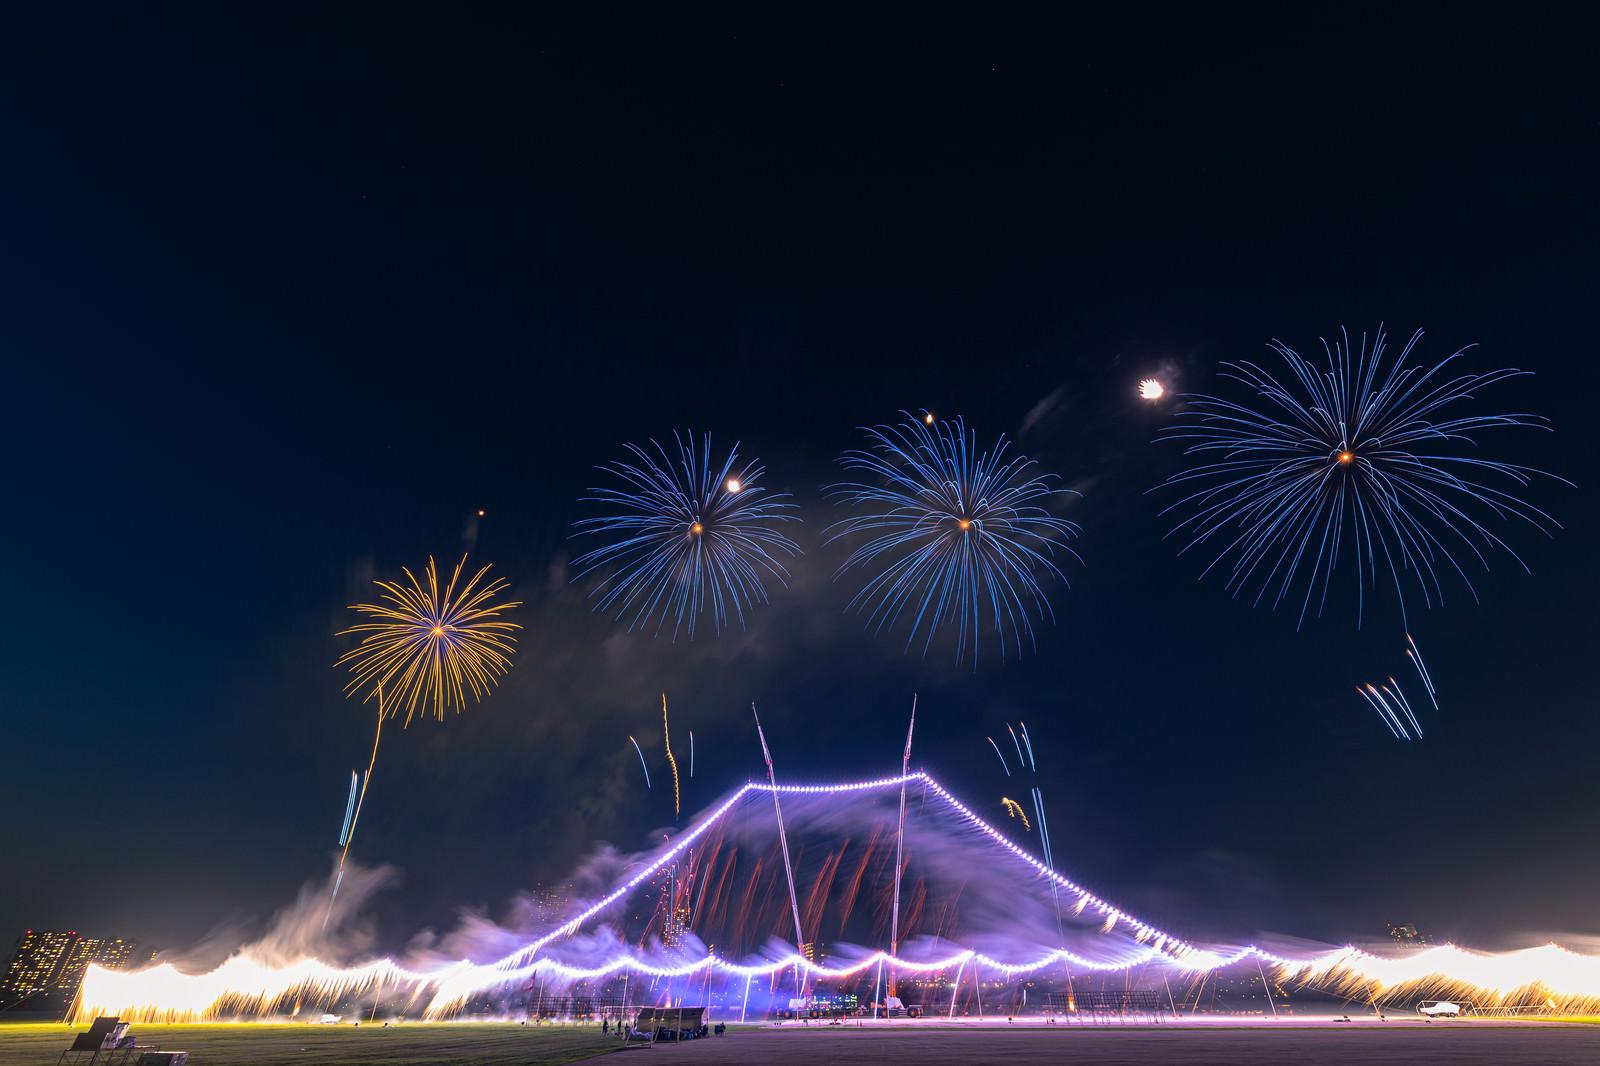 「全長280メートルを誇る江戸川区花火大会のし掛け花火(富士山)」の写真